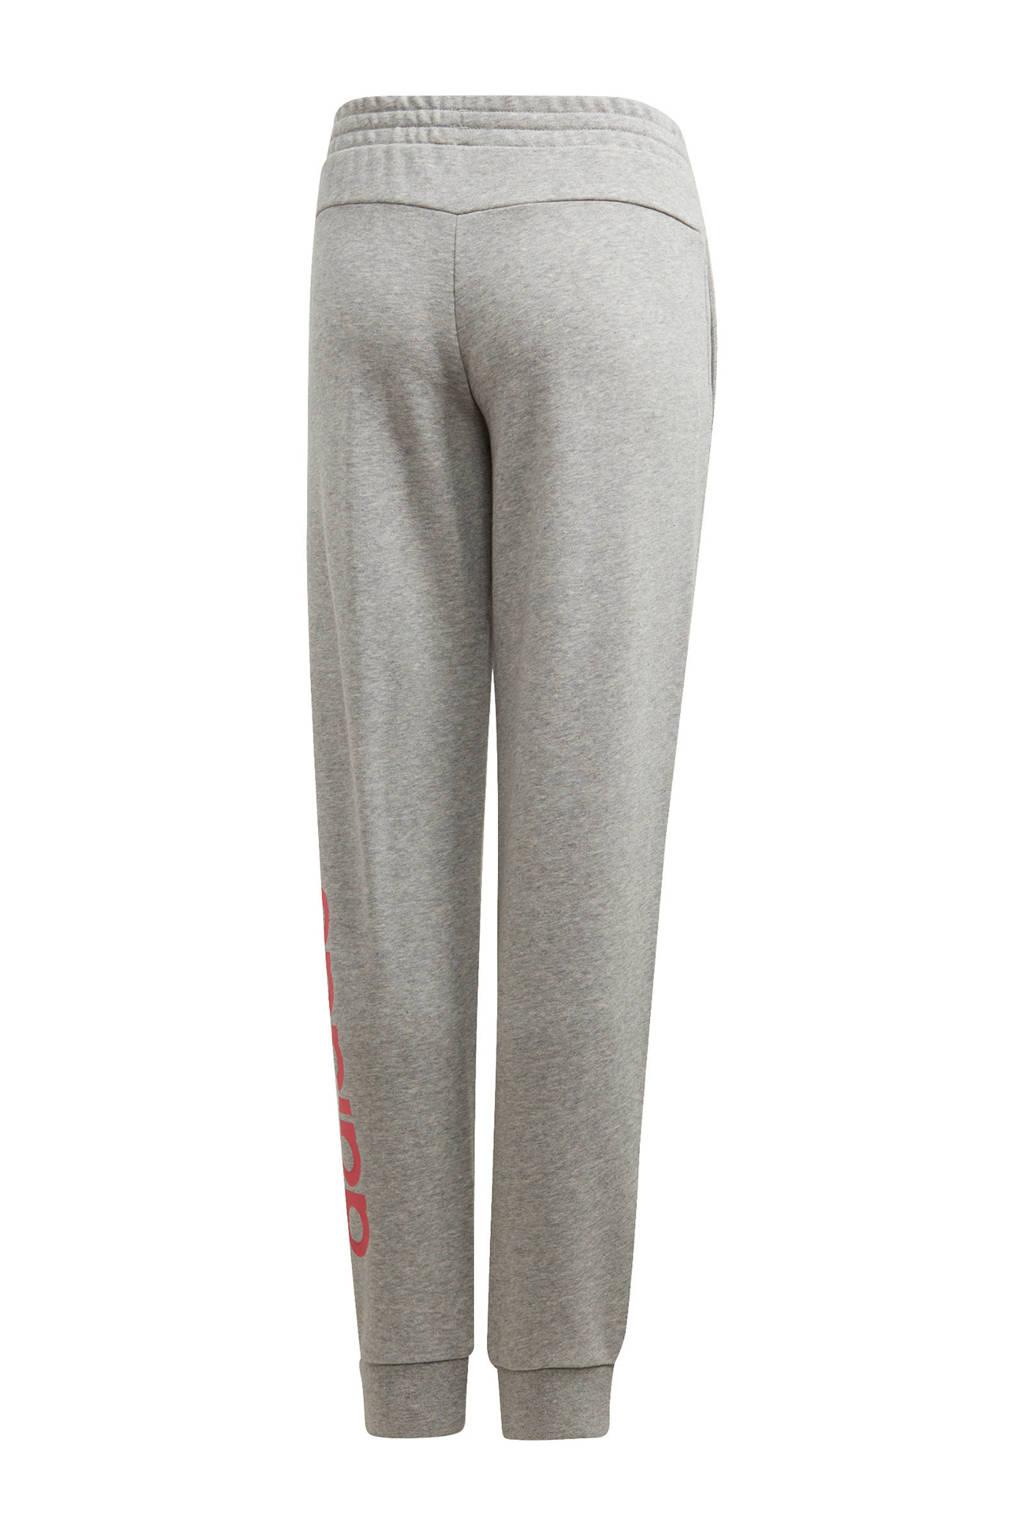 adidas Performance sportbroek grijs melange/roze, Grijs/roze